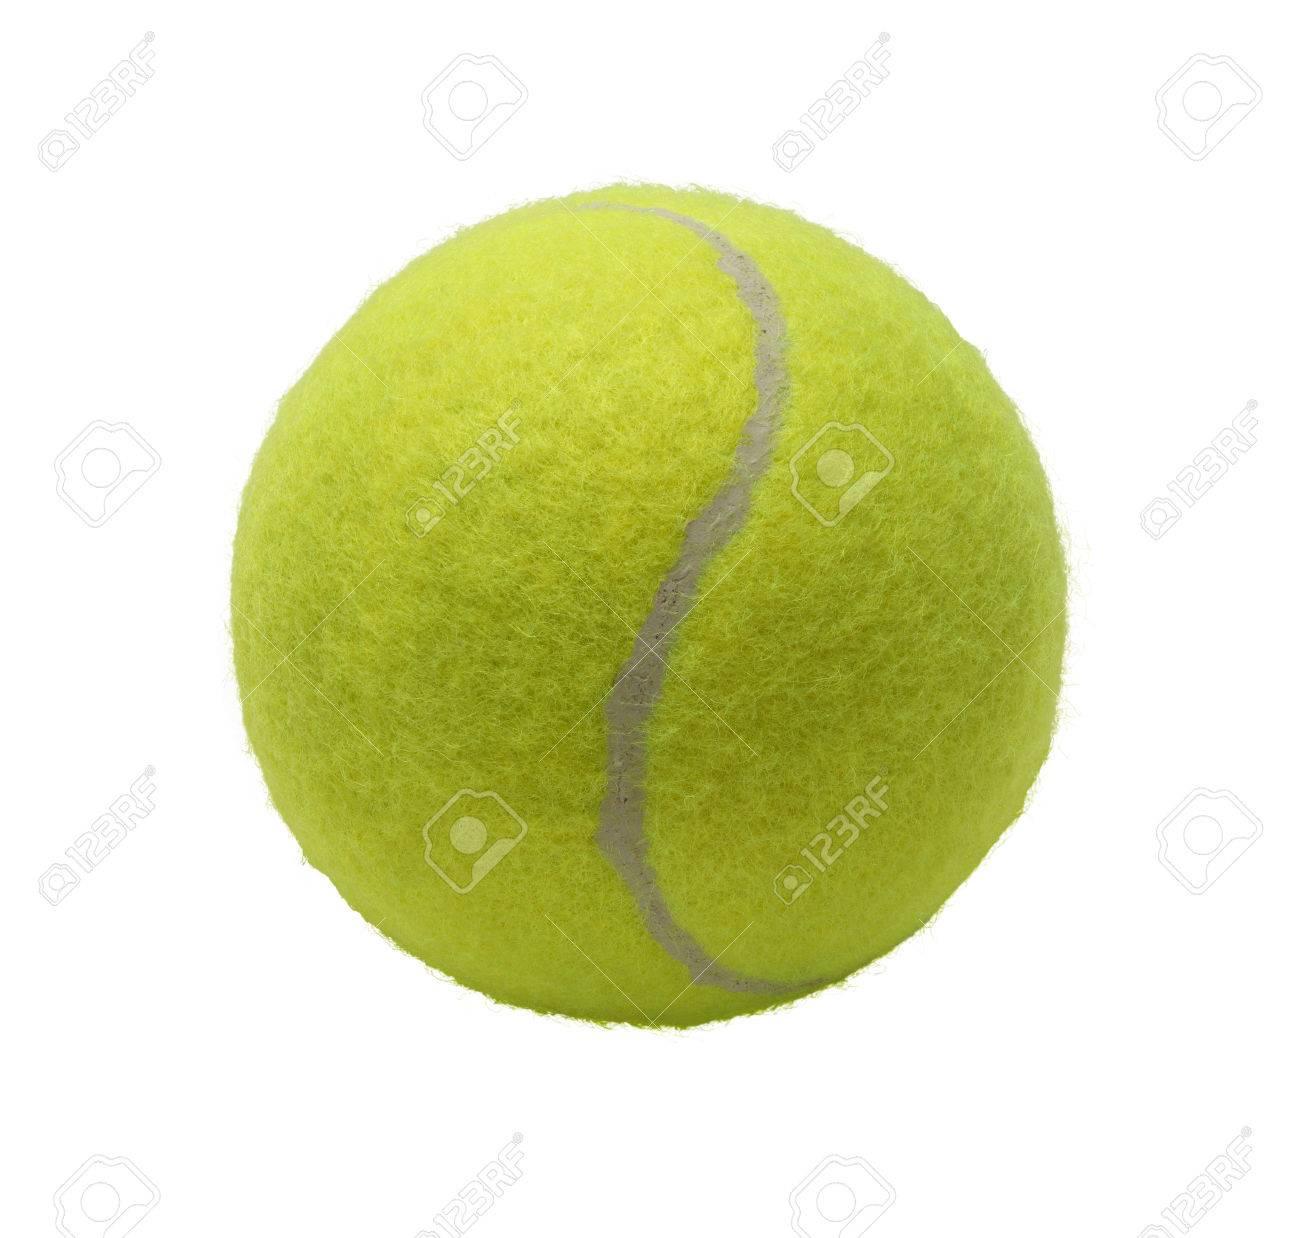 32c006a6de0c3 Vert Balle De Tennis Isolé Sur Fond Blanc. Banque D'Images Et Photos ...